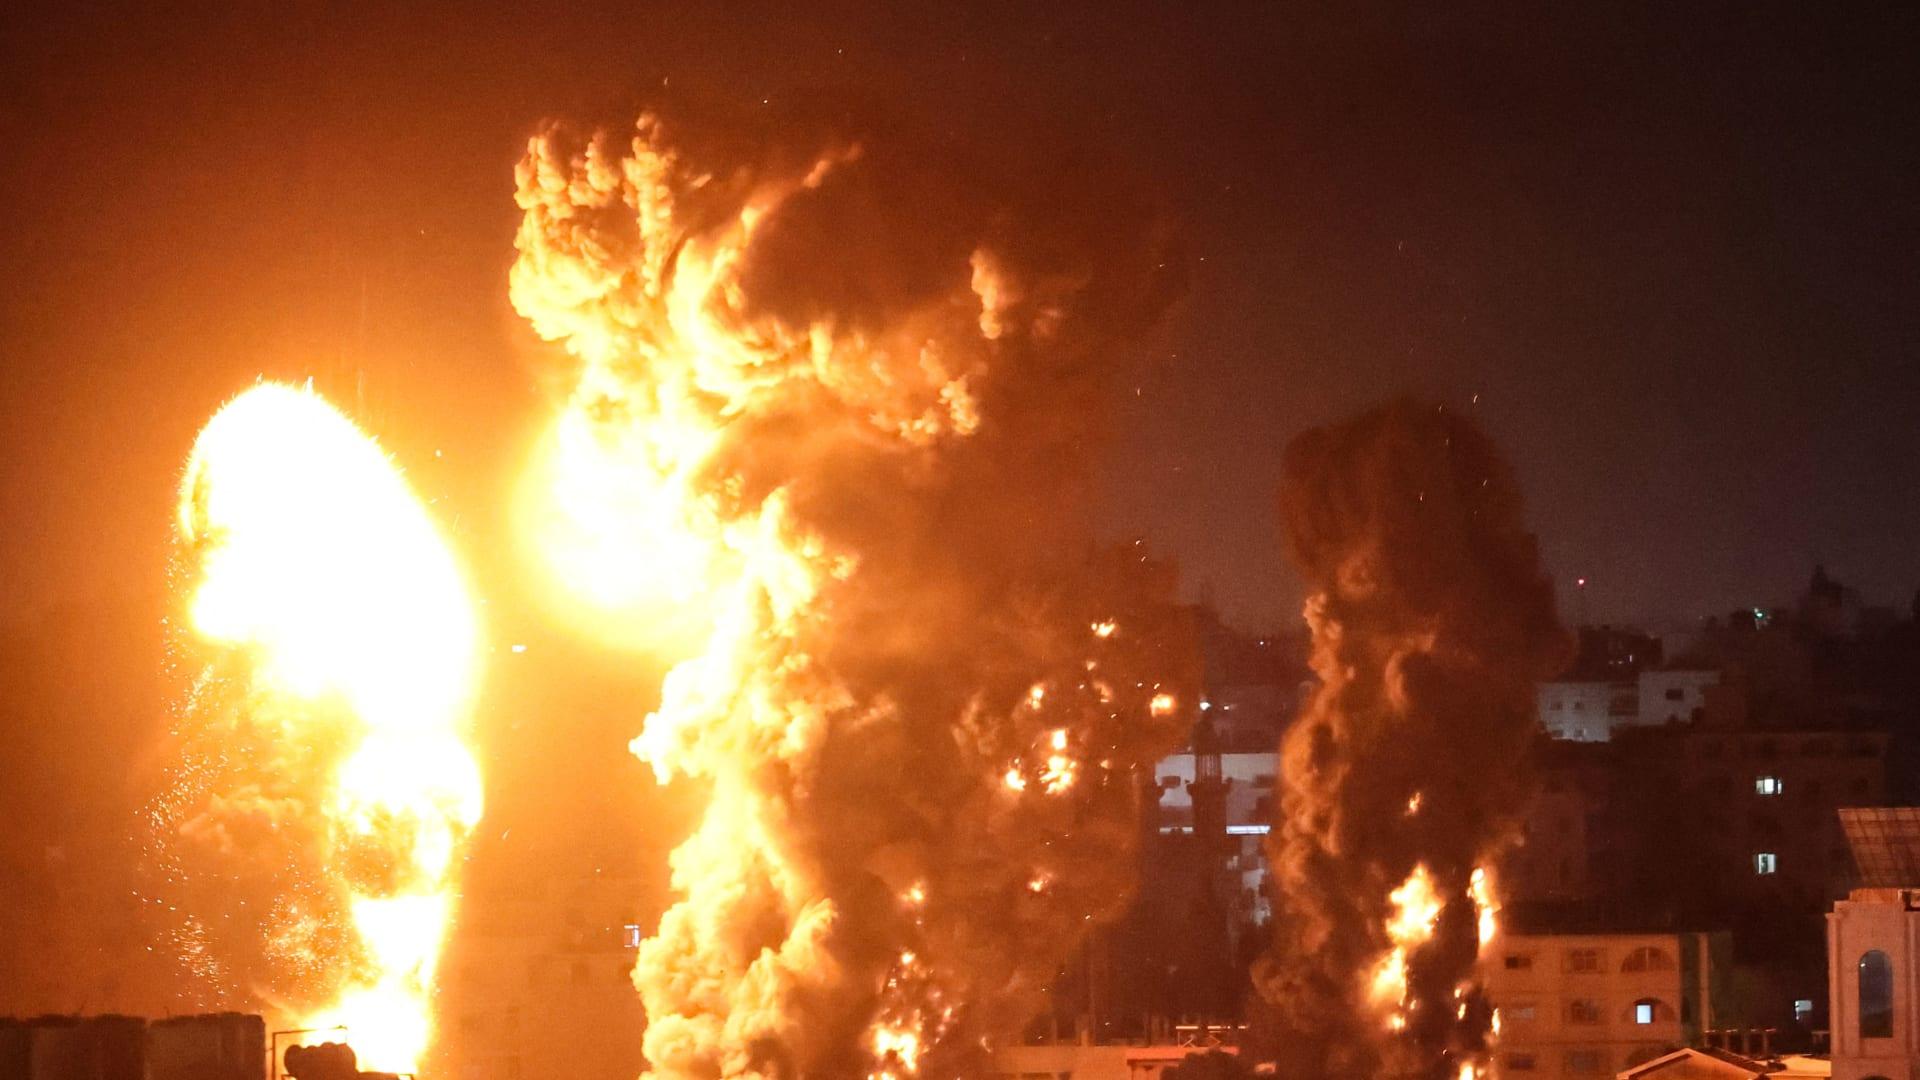 تصاعدت النيران والدخان فوق المباني في مدينة غزة مع استهداف الطائرات الحربية الإسرائيلية، في وقت مبكر من يوم 17 مايو 2021